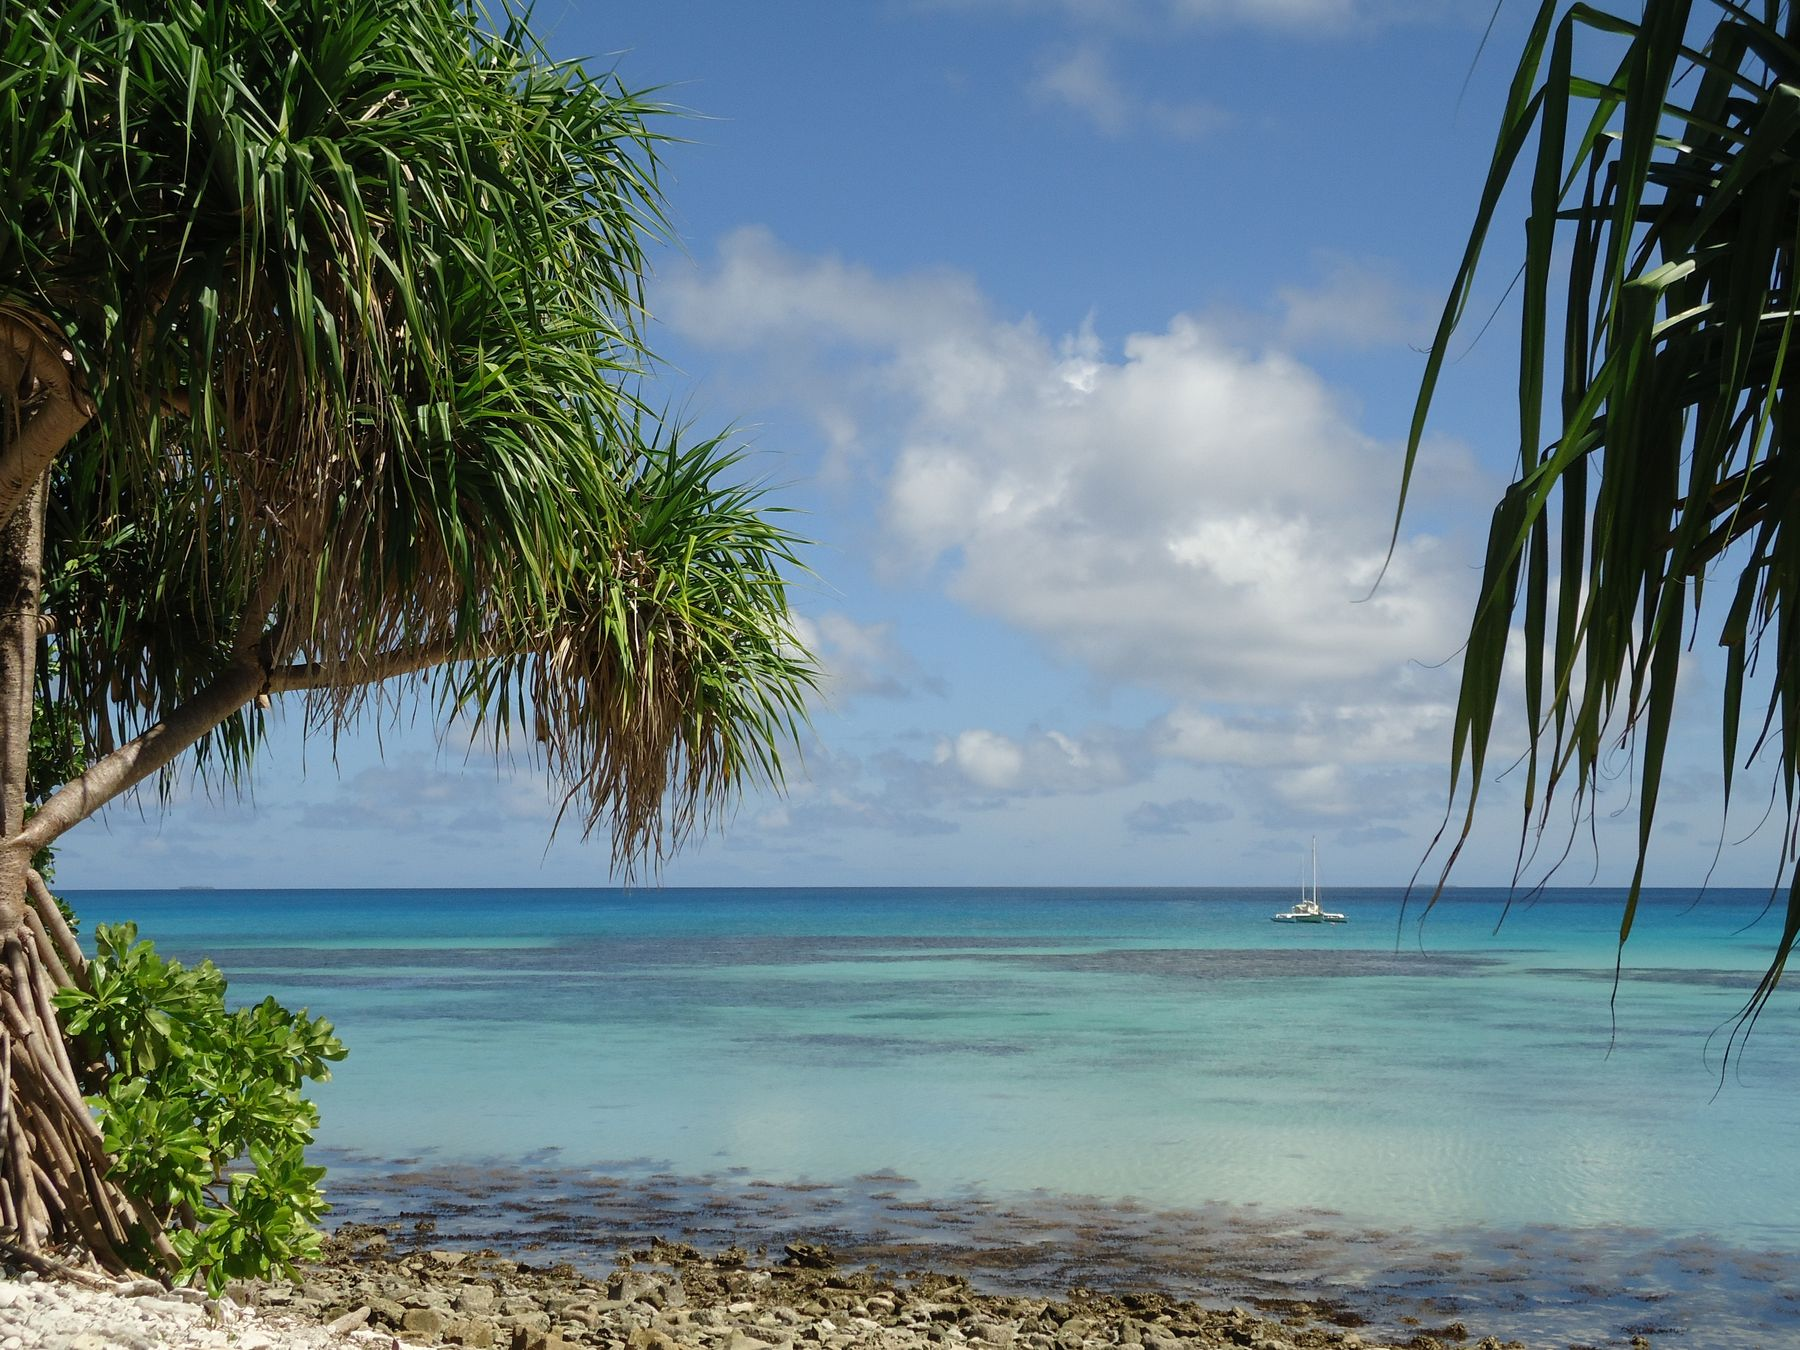 Nação insular de Tuvalu, um dos lugares menos visitados do mundo.